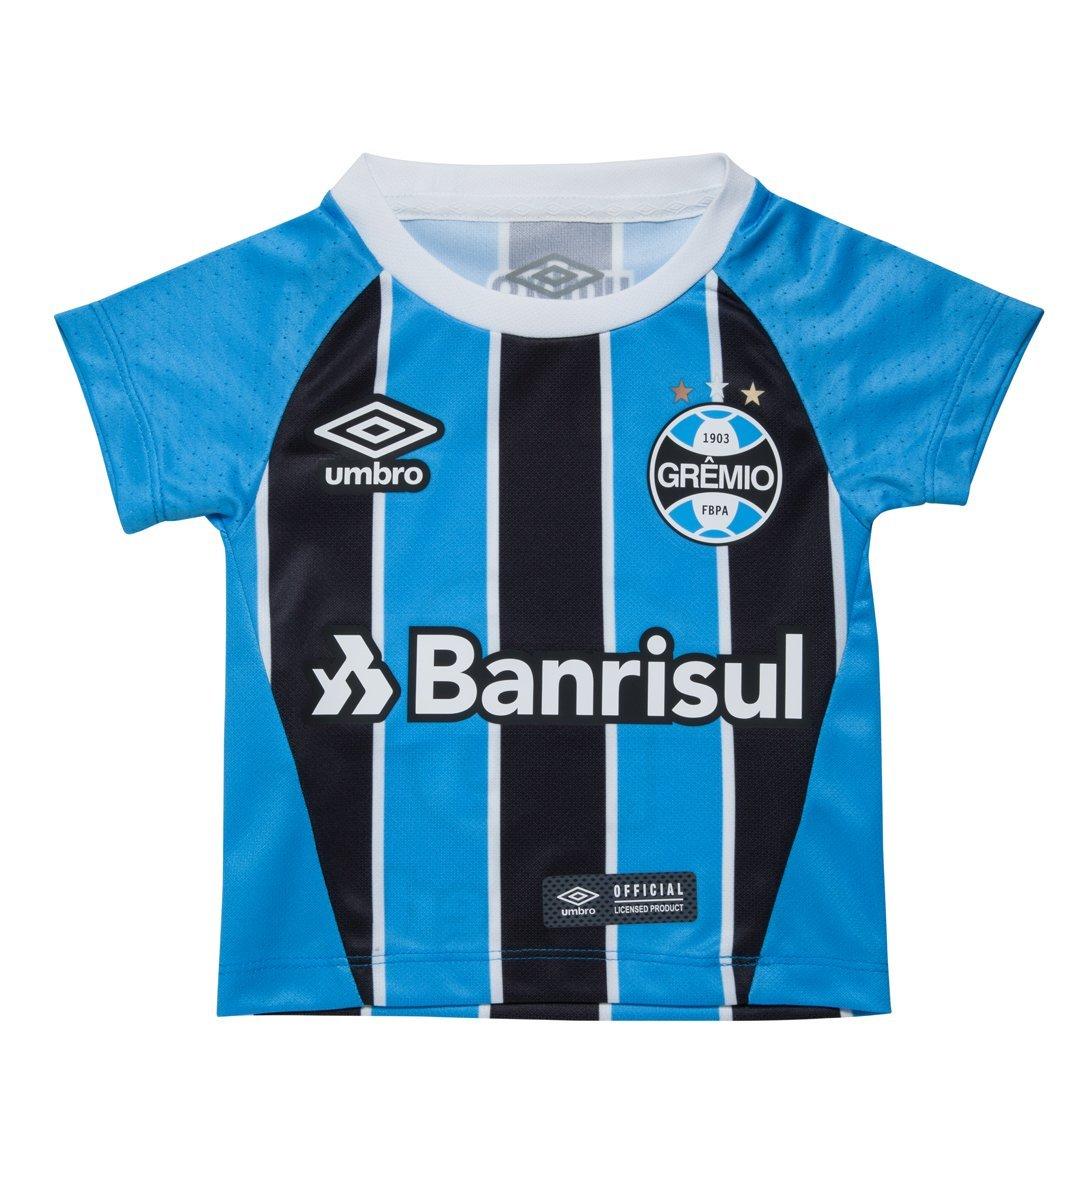 06c2f527d5 Bizz Store - Camisa Oficial Umbro Grêmio 2017 Infantil Tricolor